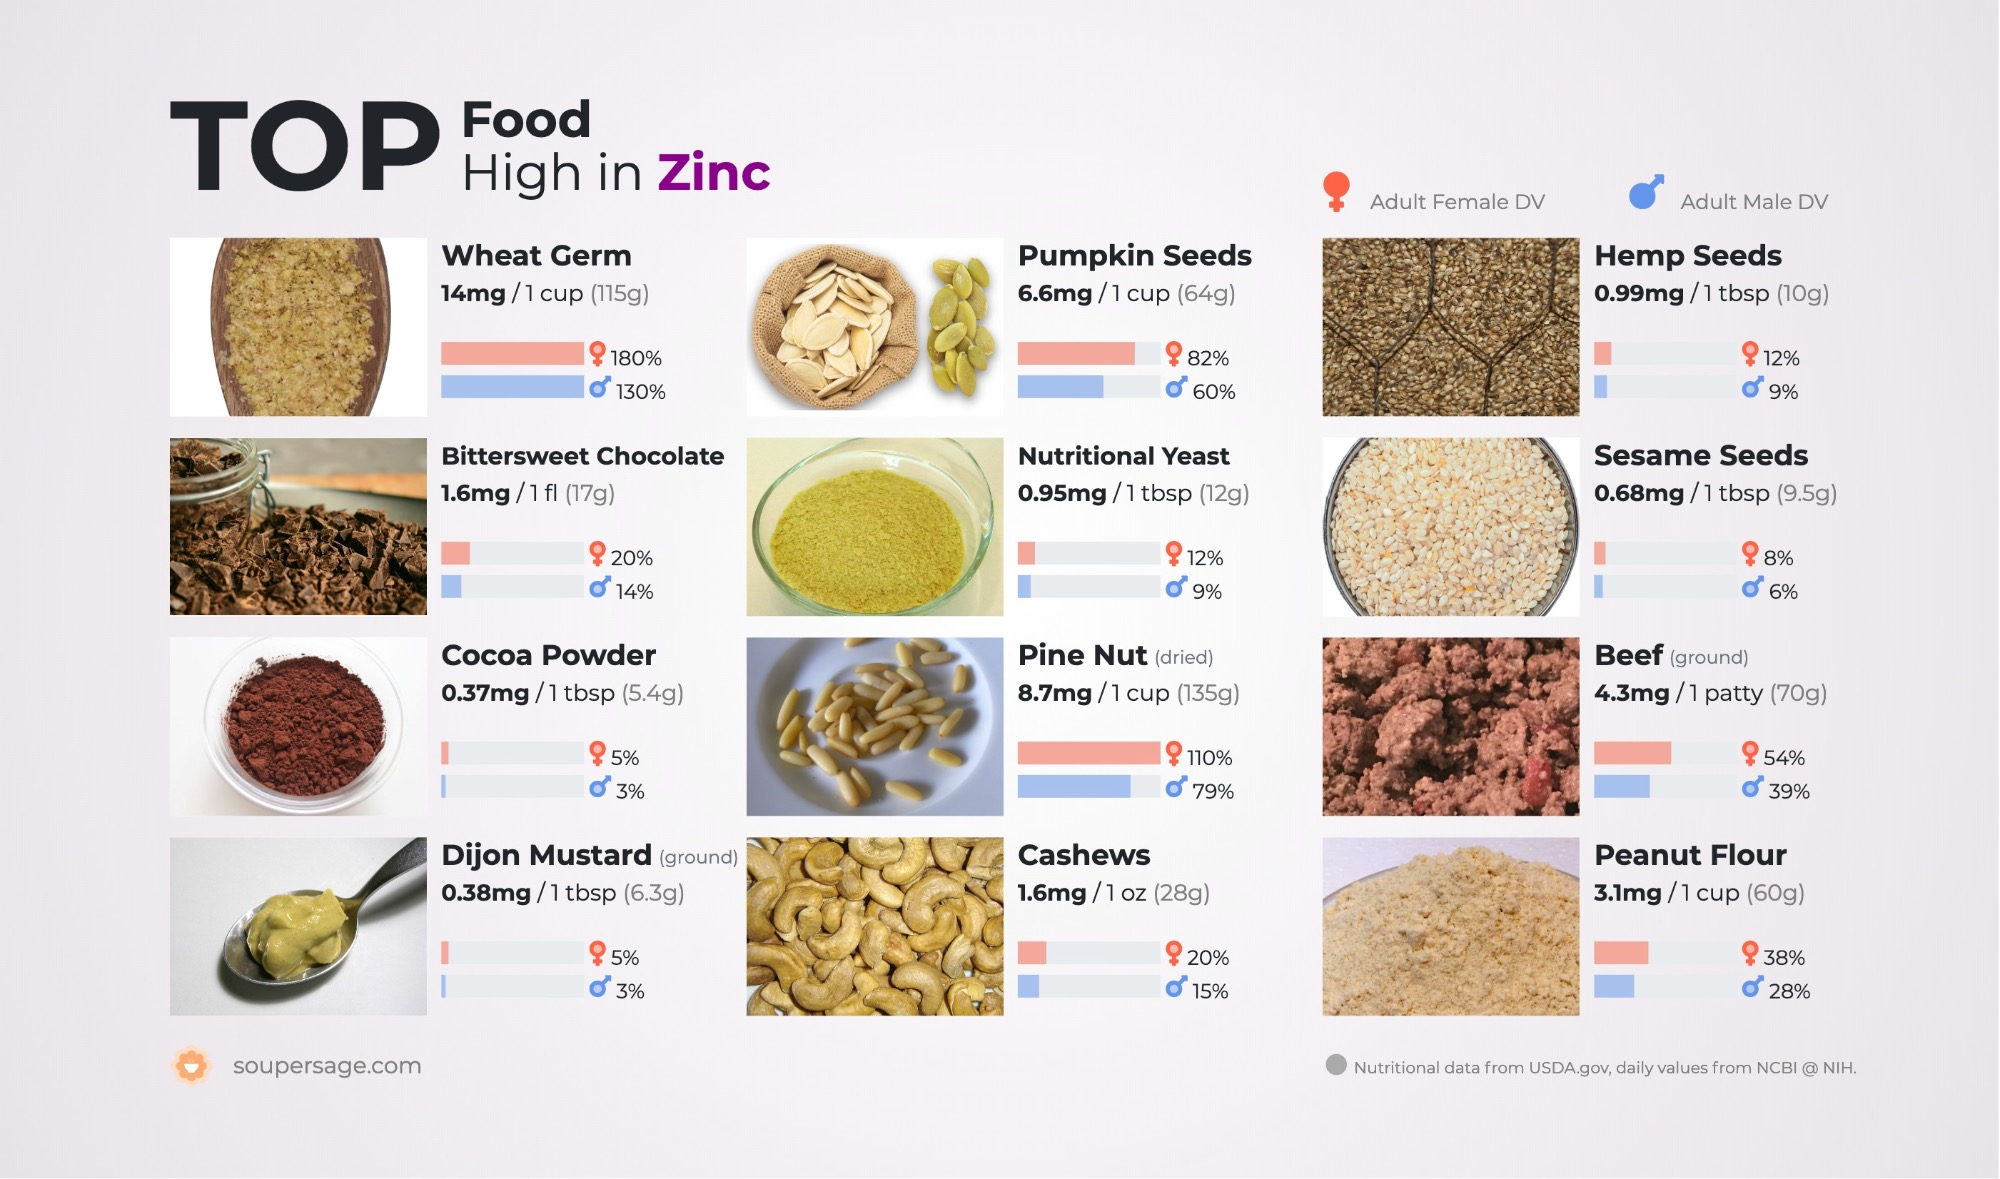 image of Top Food High in Zinc